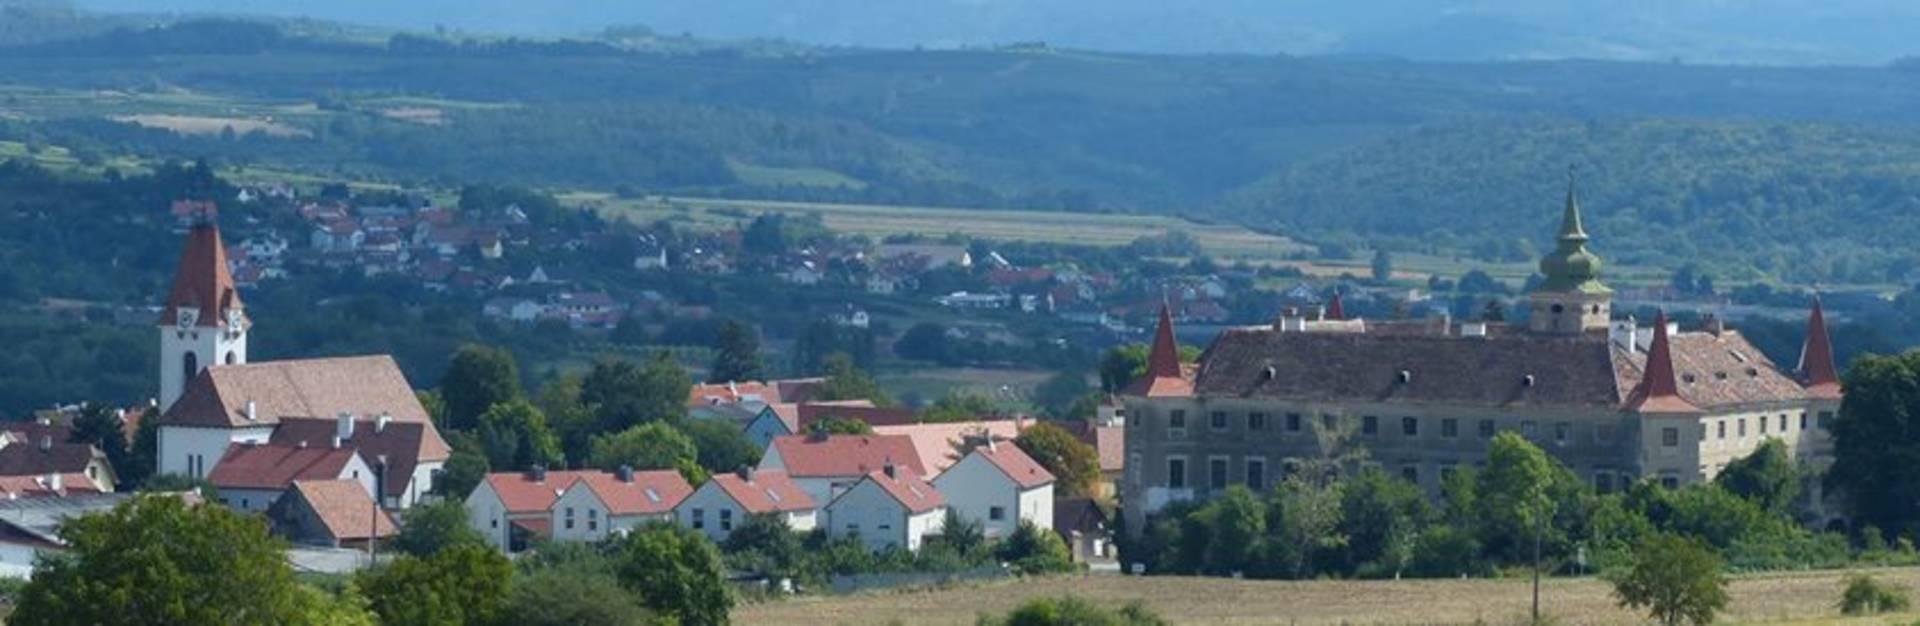 links: Fatima Wallfahrtskirche; rechts: Schloss Droß